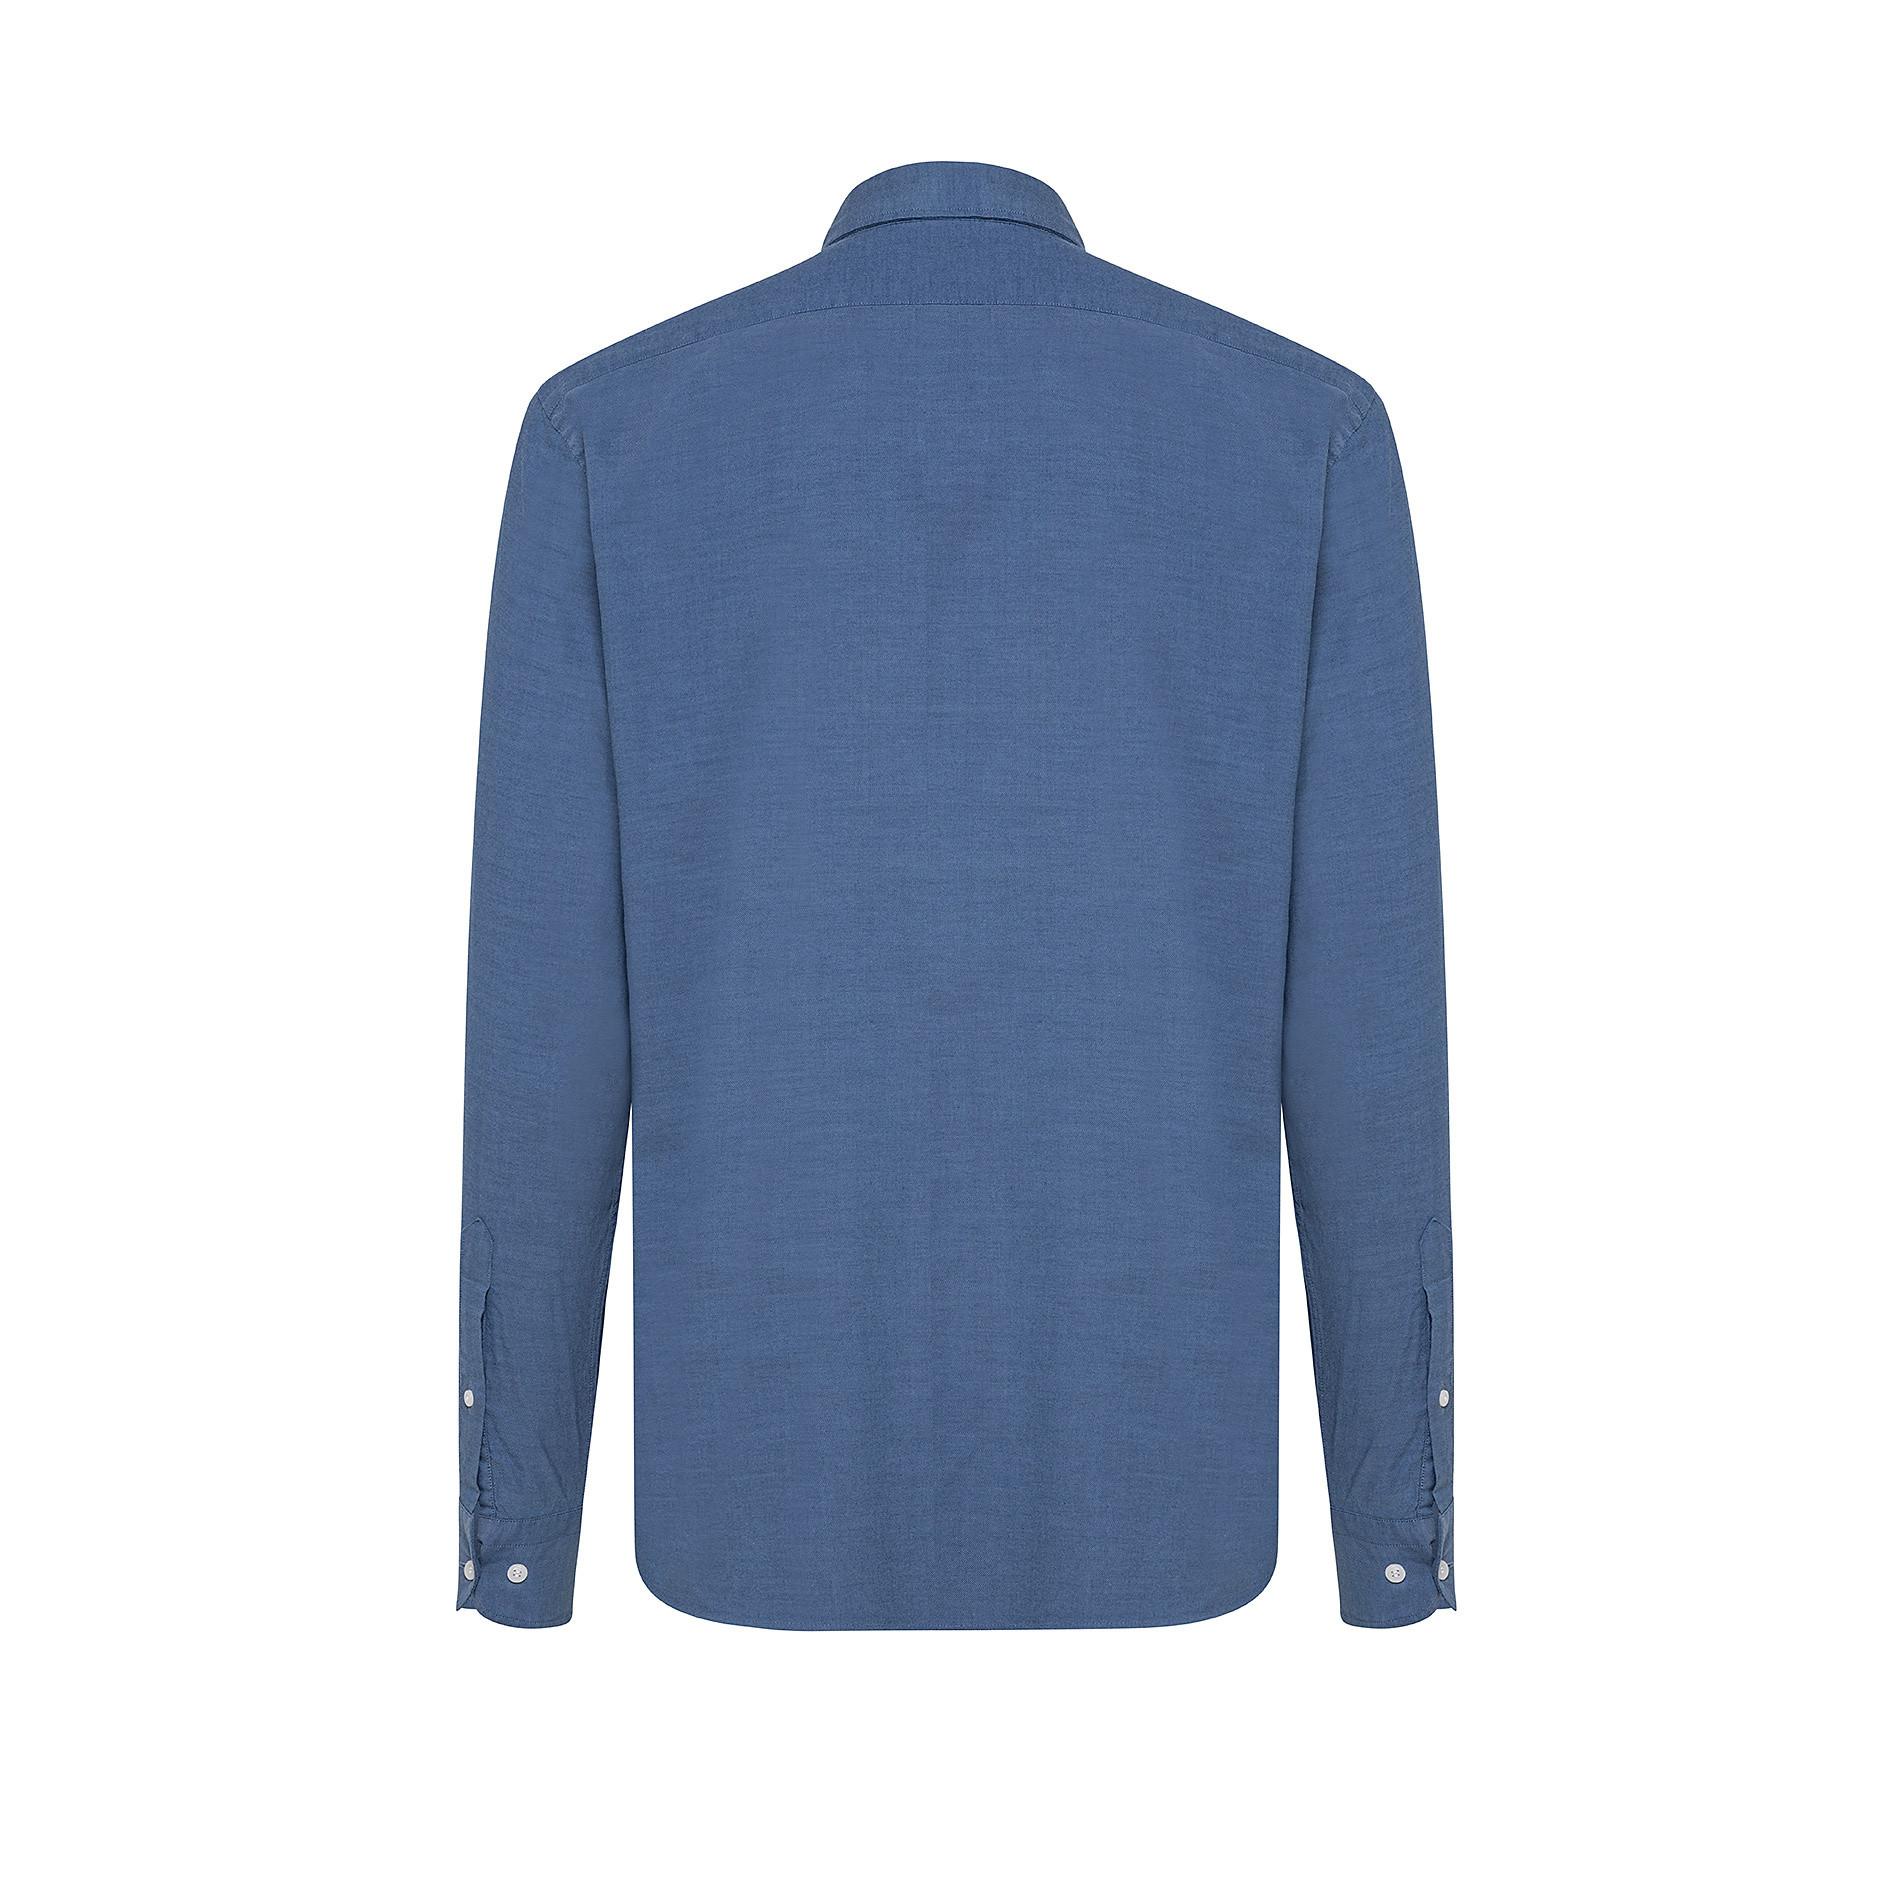 Camicia in cotone doppio ritorto, Denim, large image number 1